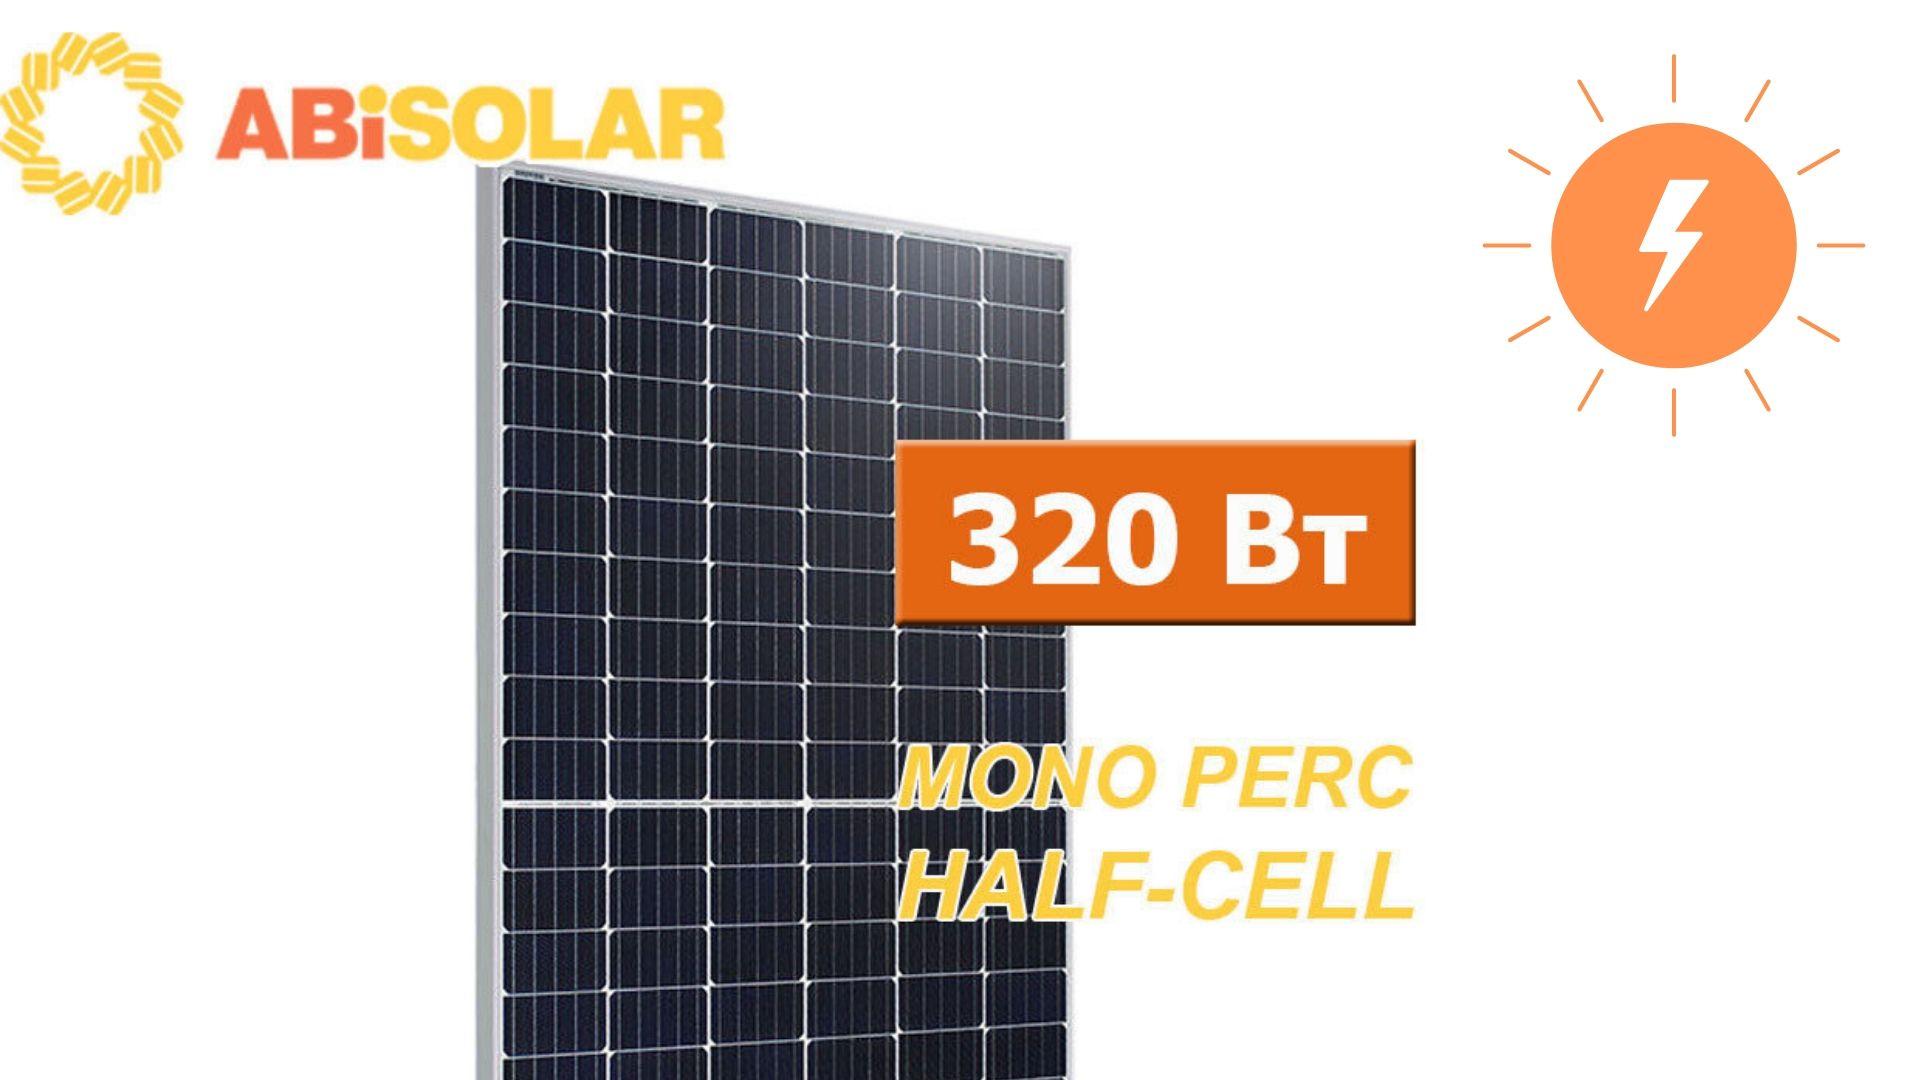 ABi-Solar AB320 PERC